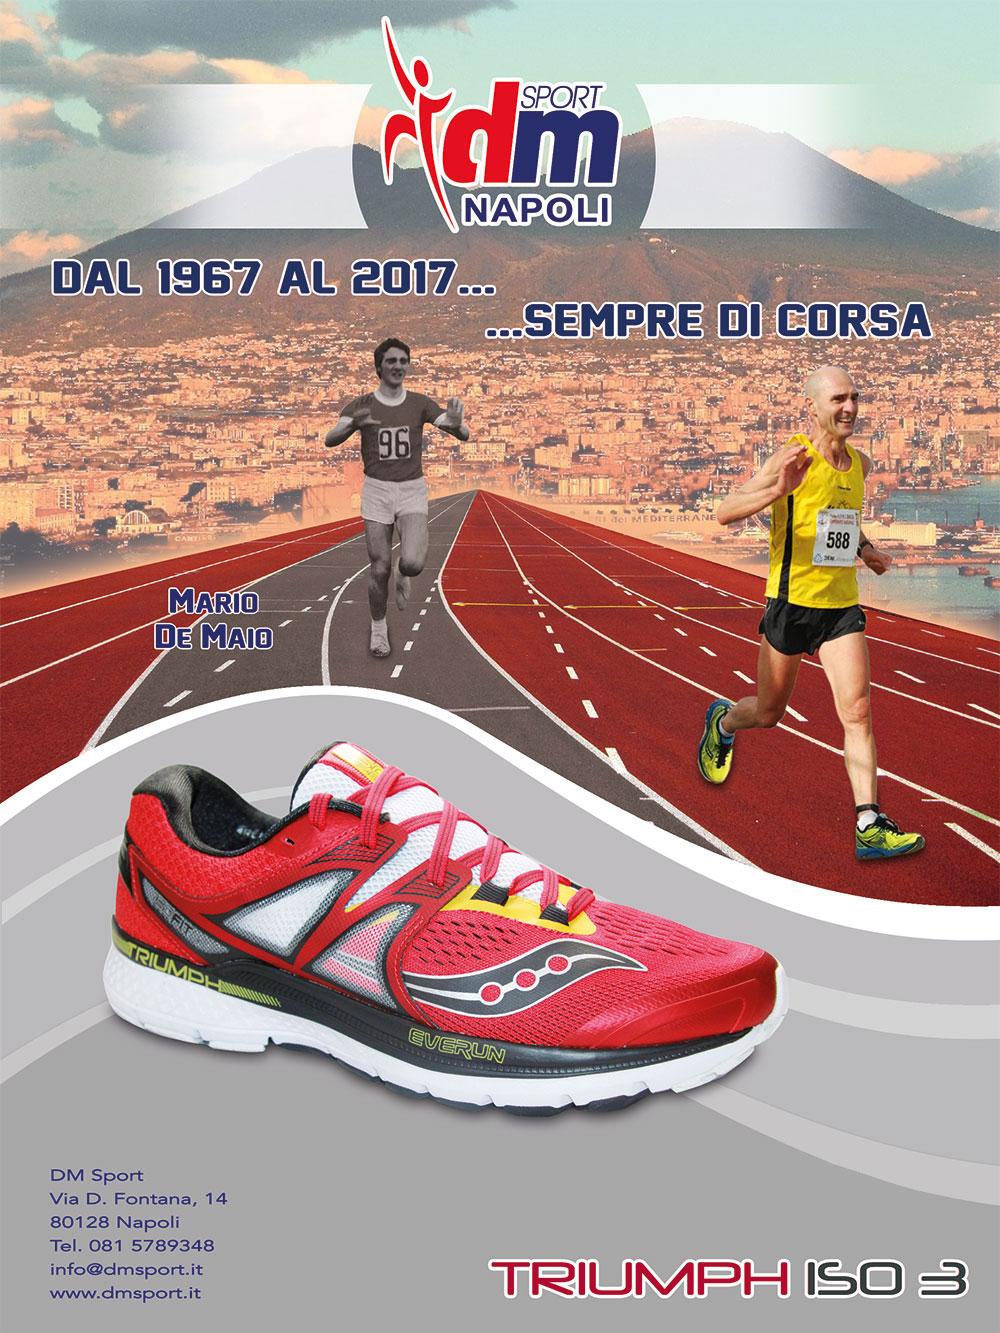 Scarpe Sportive Napoli Vomero 081 5789348  - DM Sport  calcio sport abbigliamento scarpe sportive